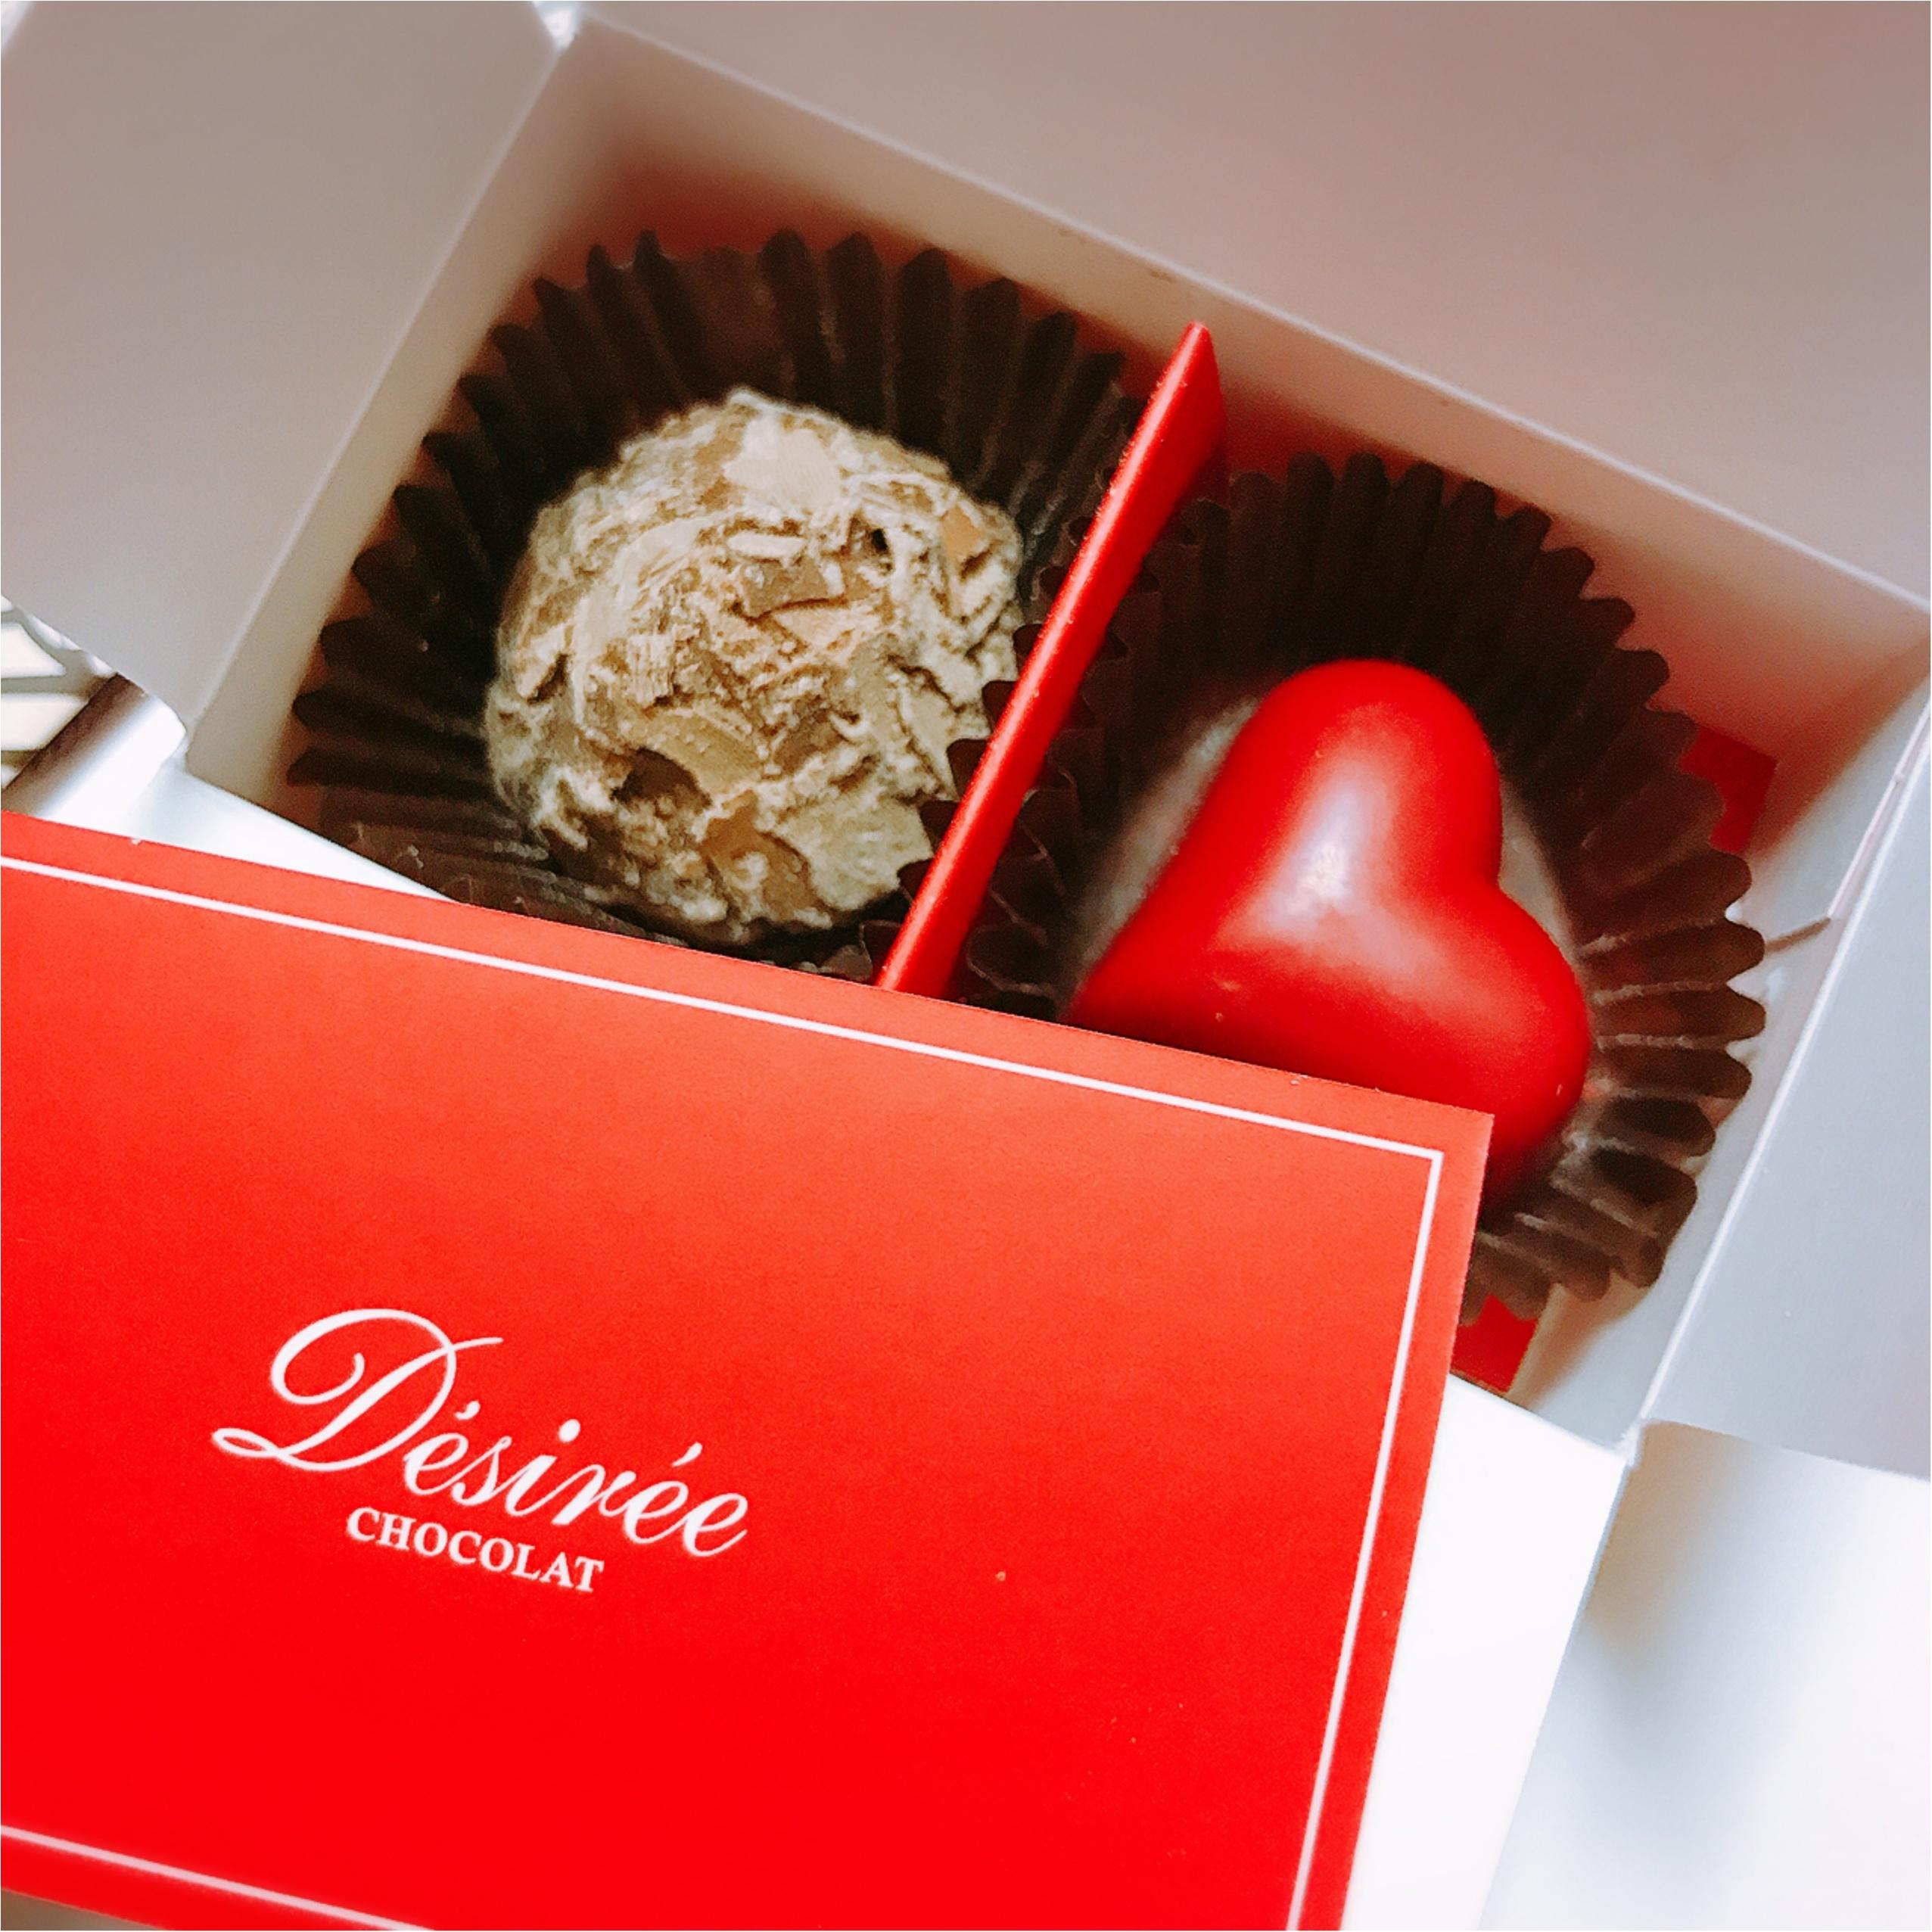 《友チョコ》もうすぐバレンタイン♡可愛くっておいしい【Desiree(デジレー )】のトリュフをいただきました!_2